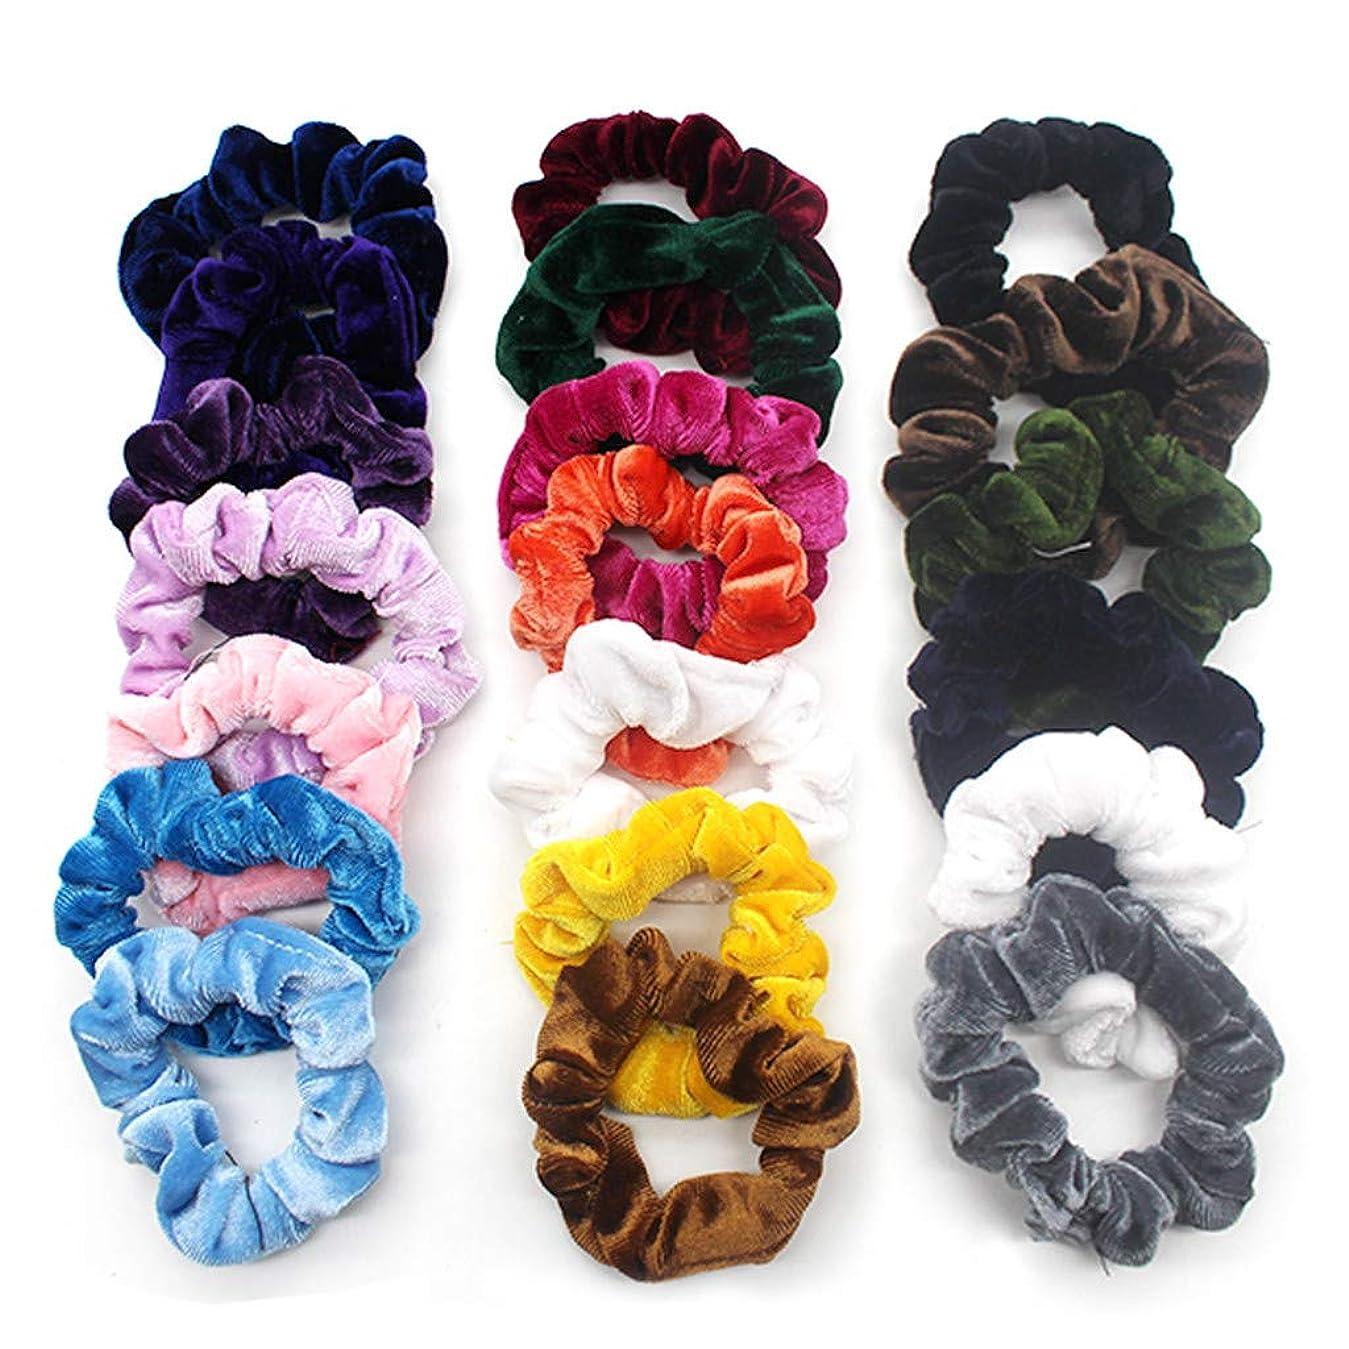 ムスタチオ和接続20個ベルベットヘアライン 弾性ヘアバンド ソフトヘアケア 明るい色 複数の色 収納袋付き (多色)